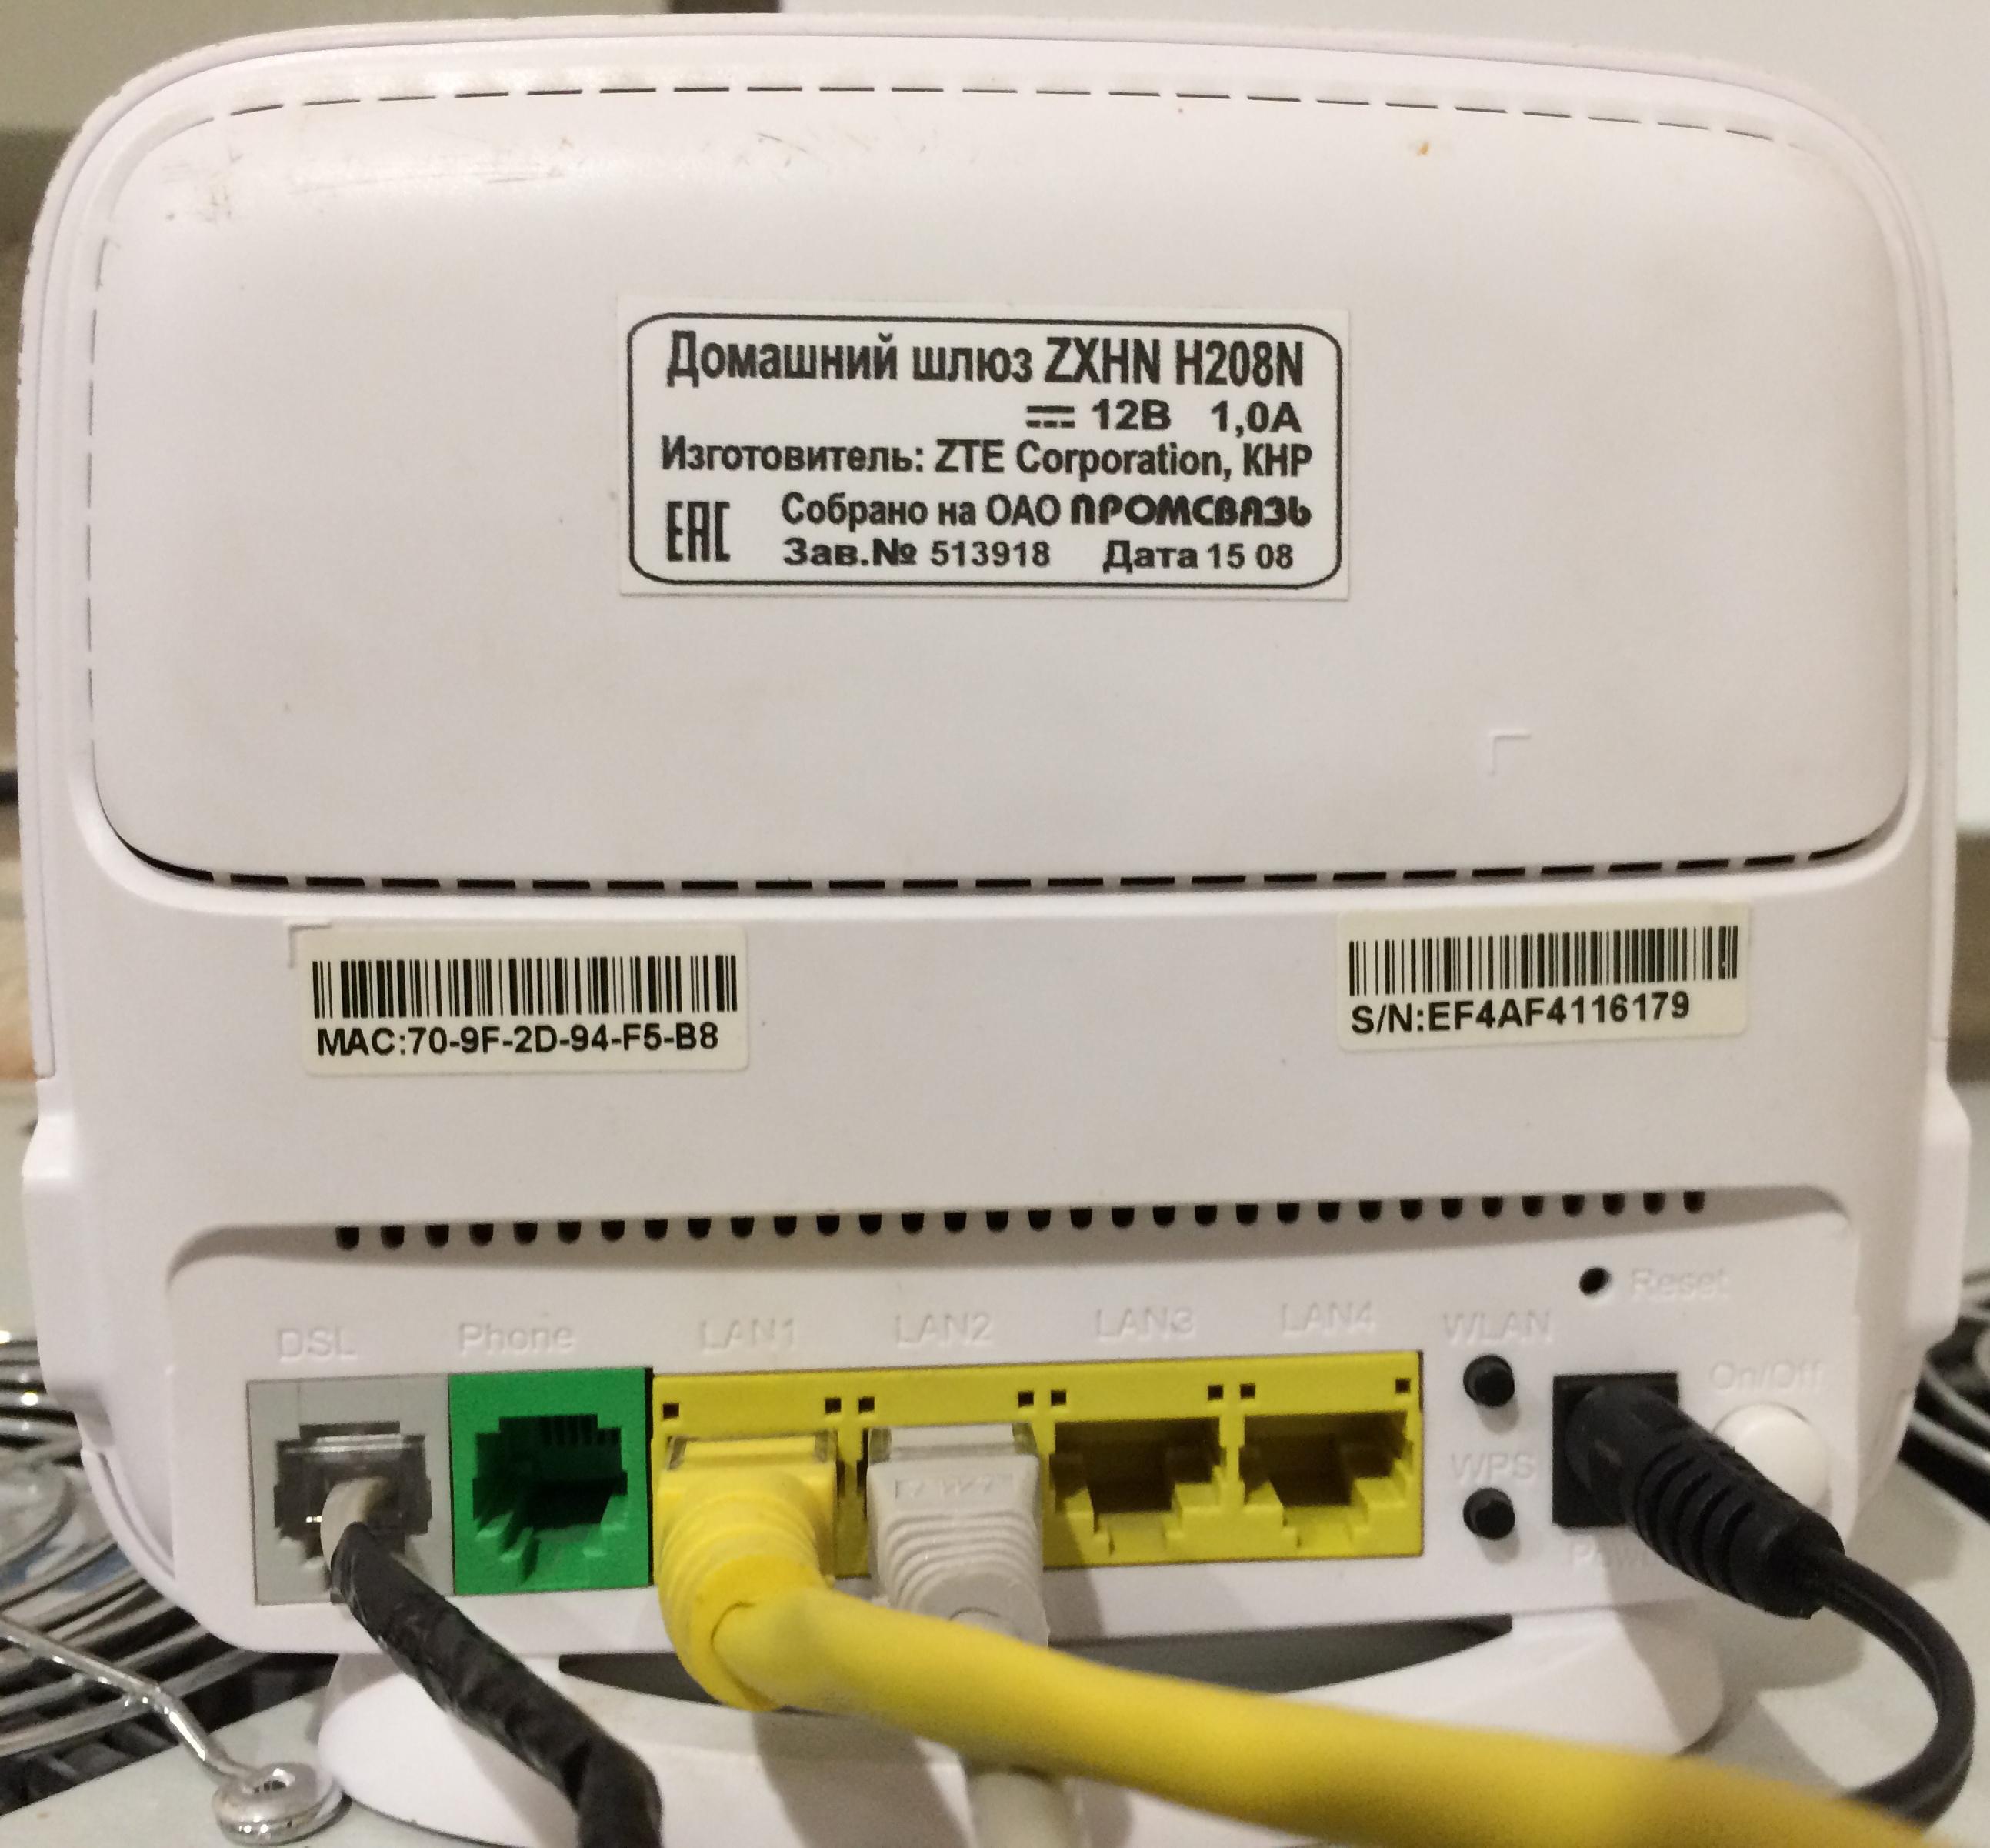 Настройка Wi-Fi на Промсвязь (ZTE) ZXHN H208N